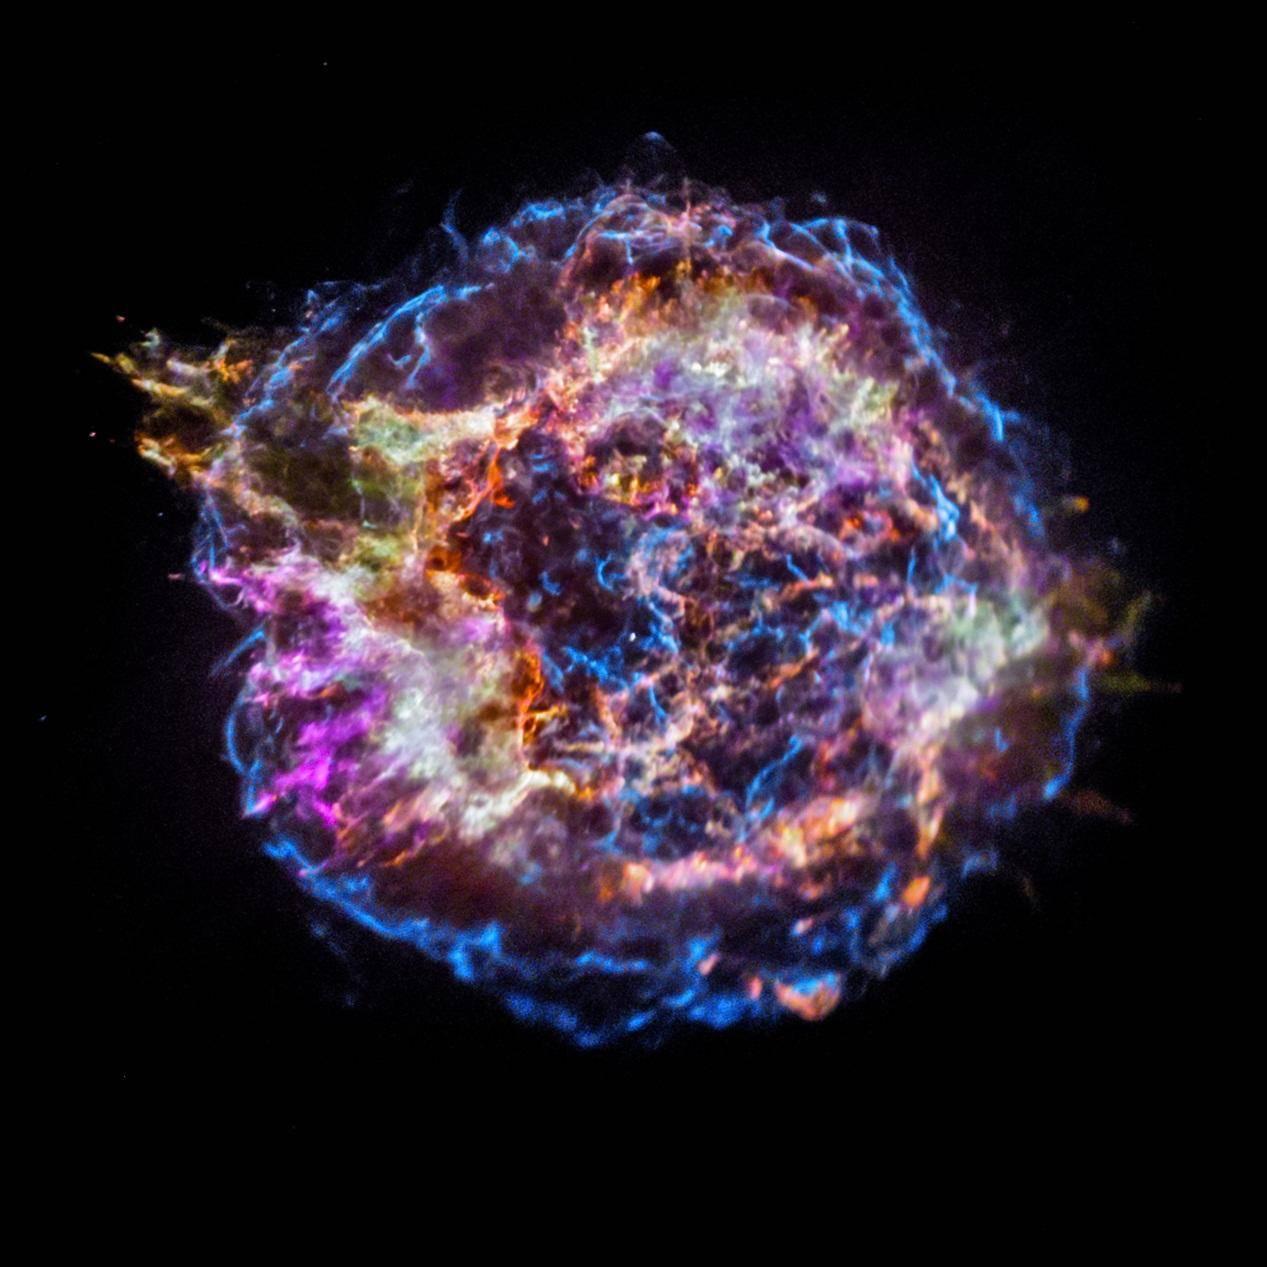 """史无前例!天文学家发现一颗前所未闻的巨大""""怪物""""超新星"""